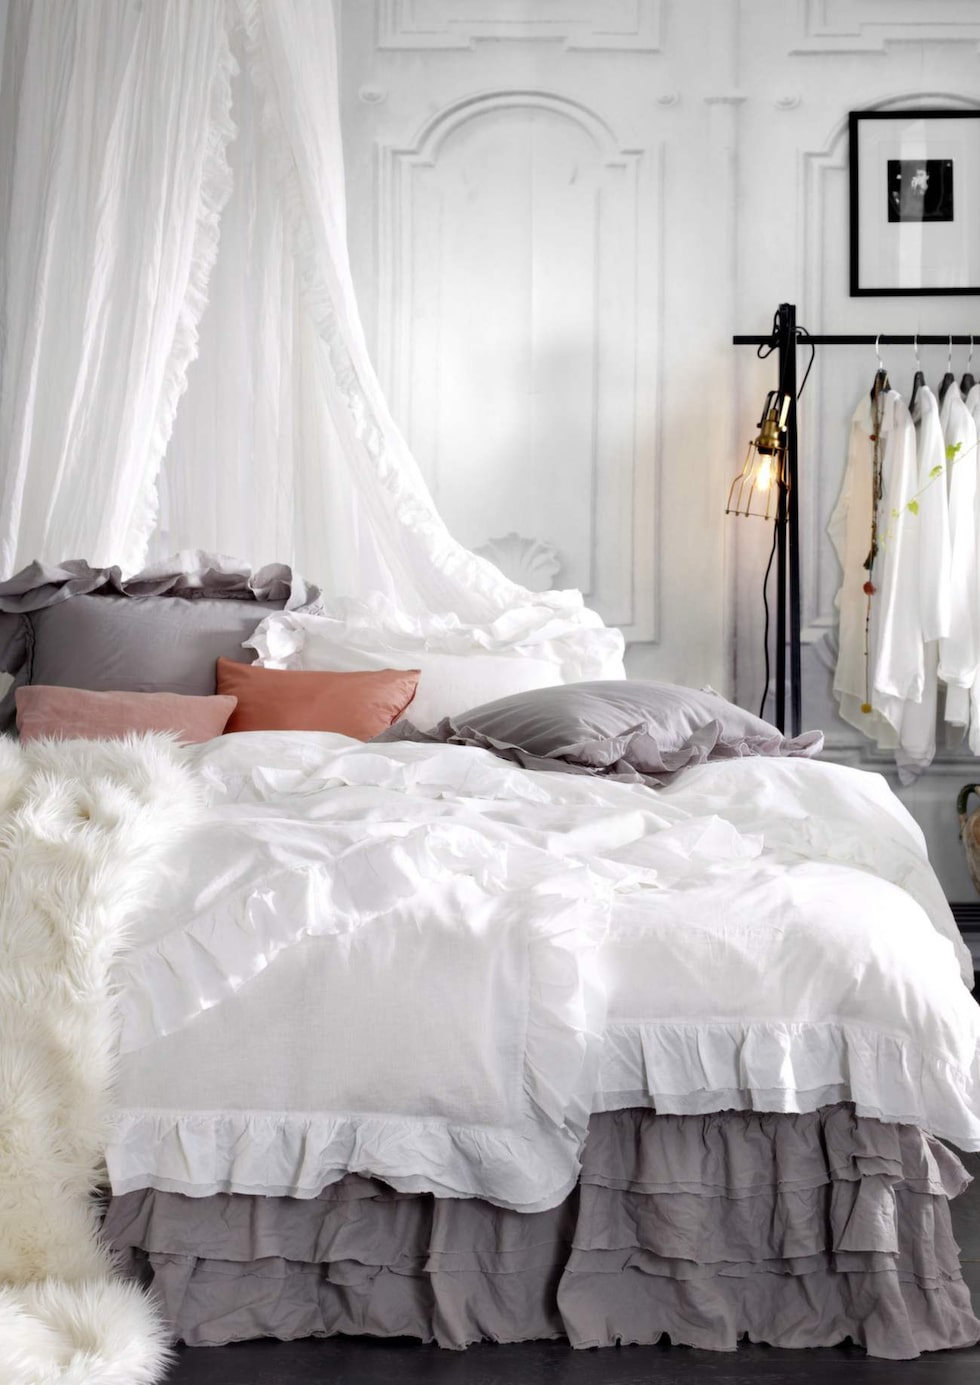 Volanger och skira toner i sovrummet. Sänghimmel Crystal, i bomull med volanger, ring 63 centimeter i diameter, 699 kronor. Romantisk sängkappa Fairy, i bomull med tredubbel volang, 499 kronor, allt från Ellos.